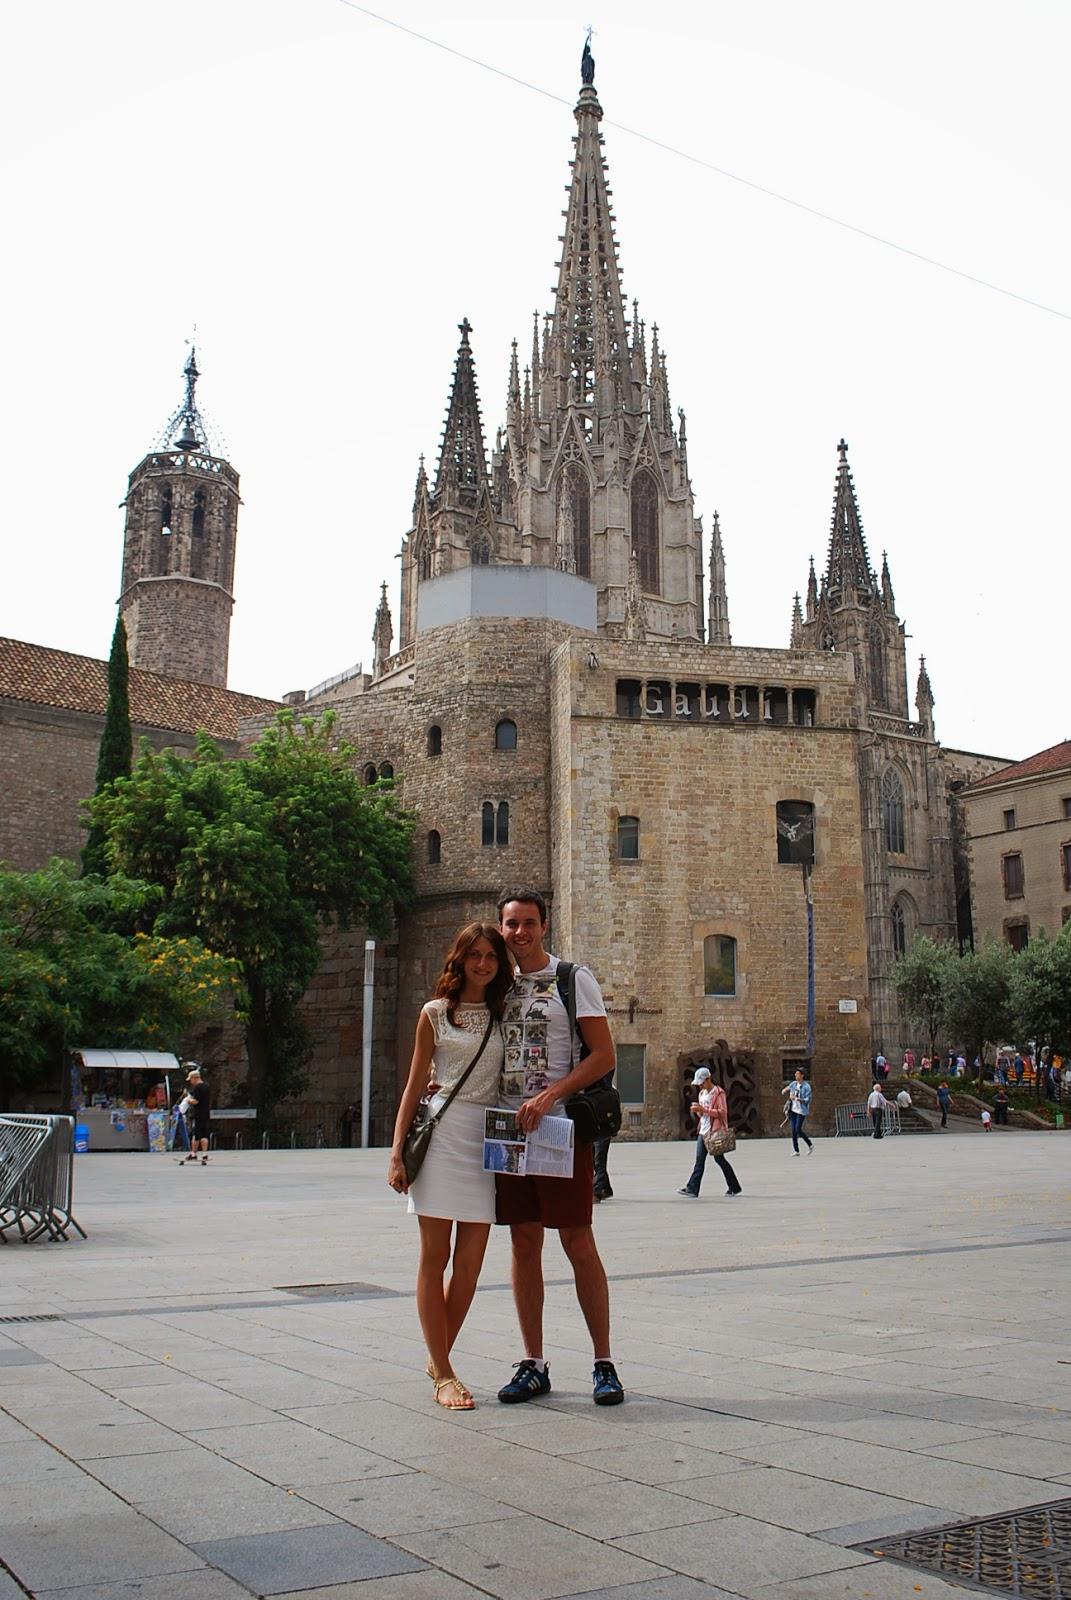 На фоне собора св. Креста и св. Евлалии, Барселона, Каталония, Испания. La Catedral de la Santa Cruz y Santa Eulalia, Barcelona, Catalonia, Spain